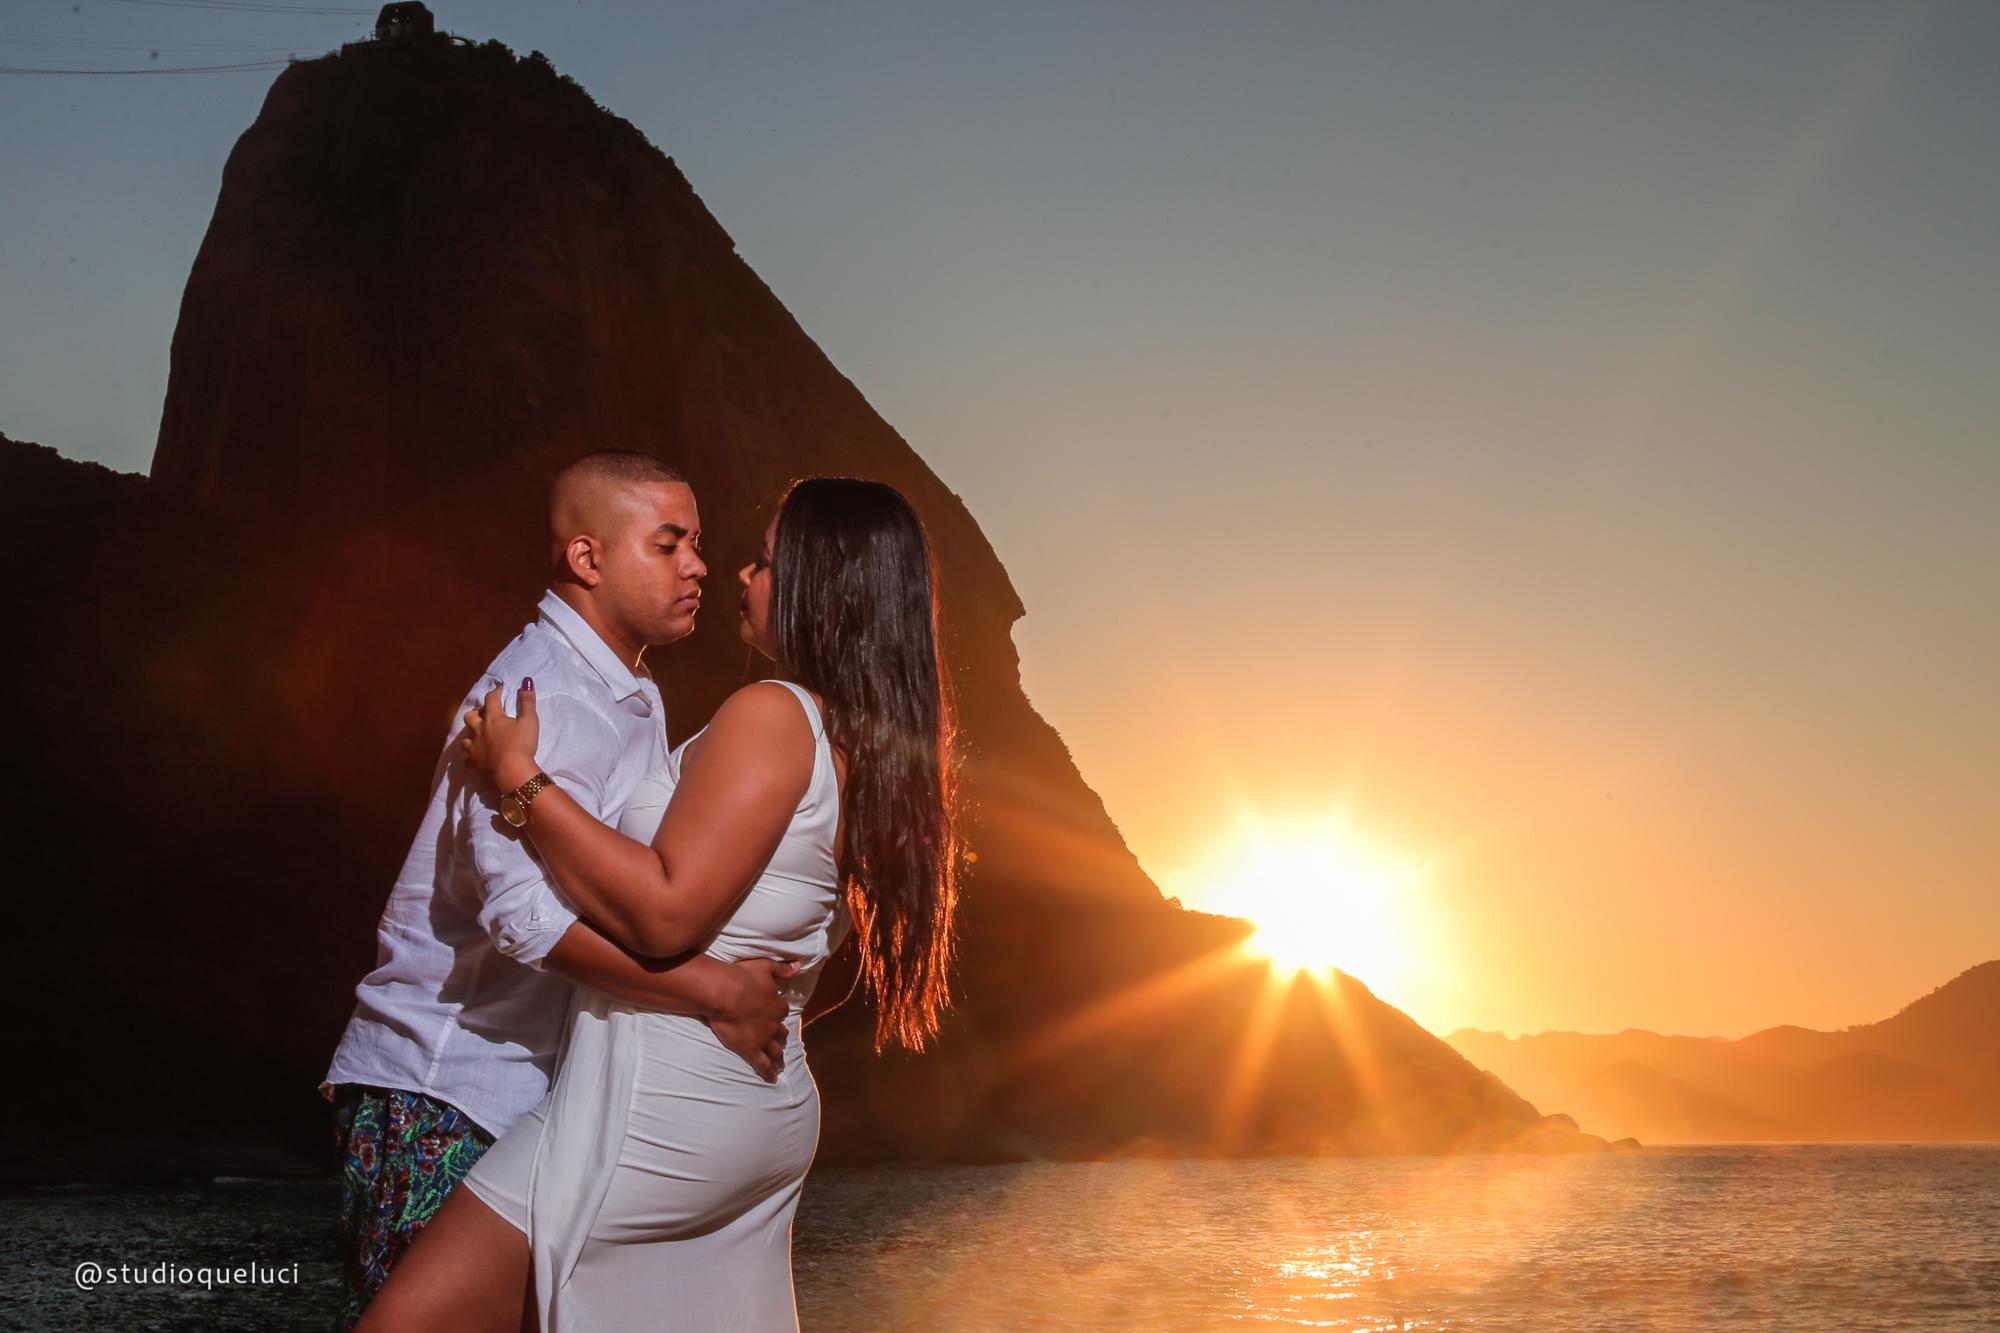 Fotografo de casamento ensaio pre casamento (119)